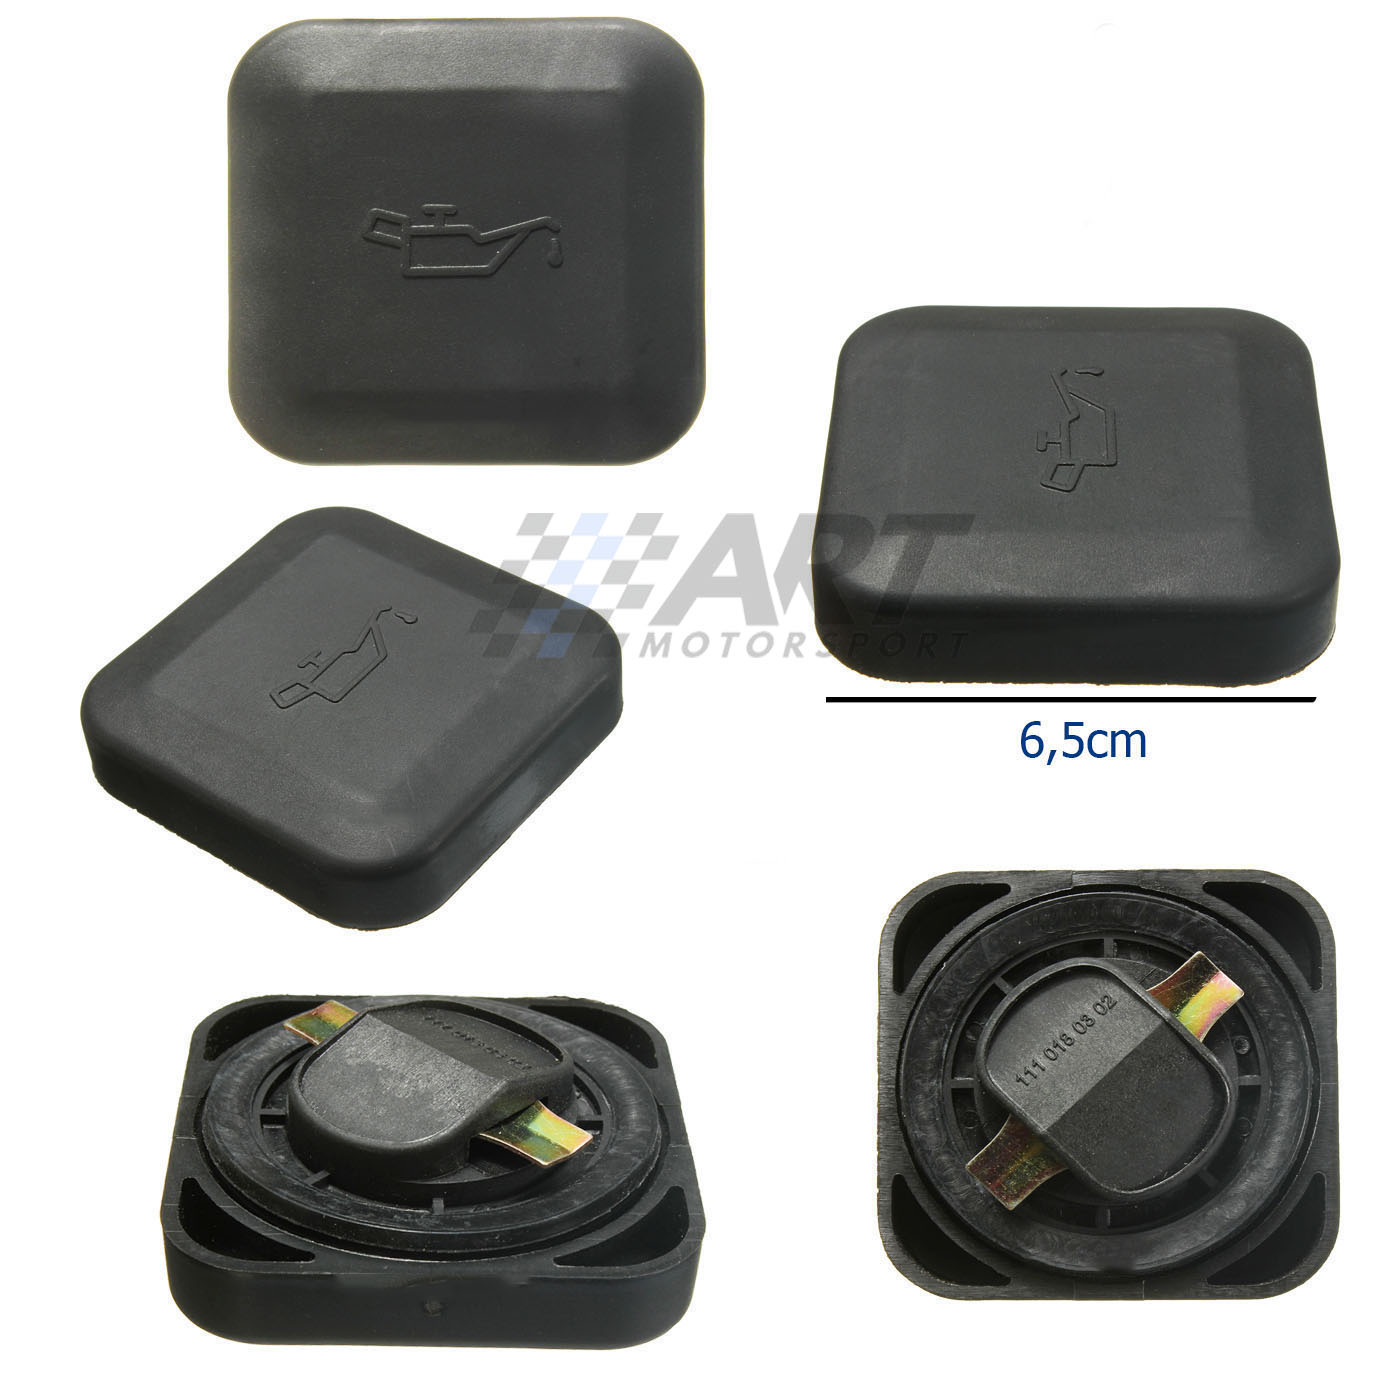 e36 bmw 3 Compact e36 Elring junta depósito de aceite bmw 3 e36 bmw 3 cabriolet